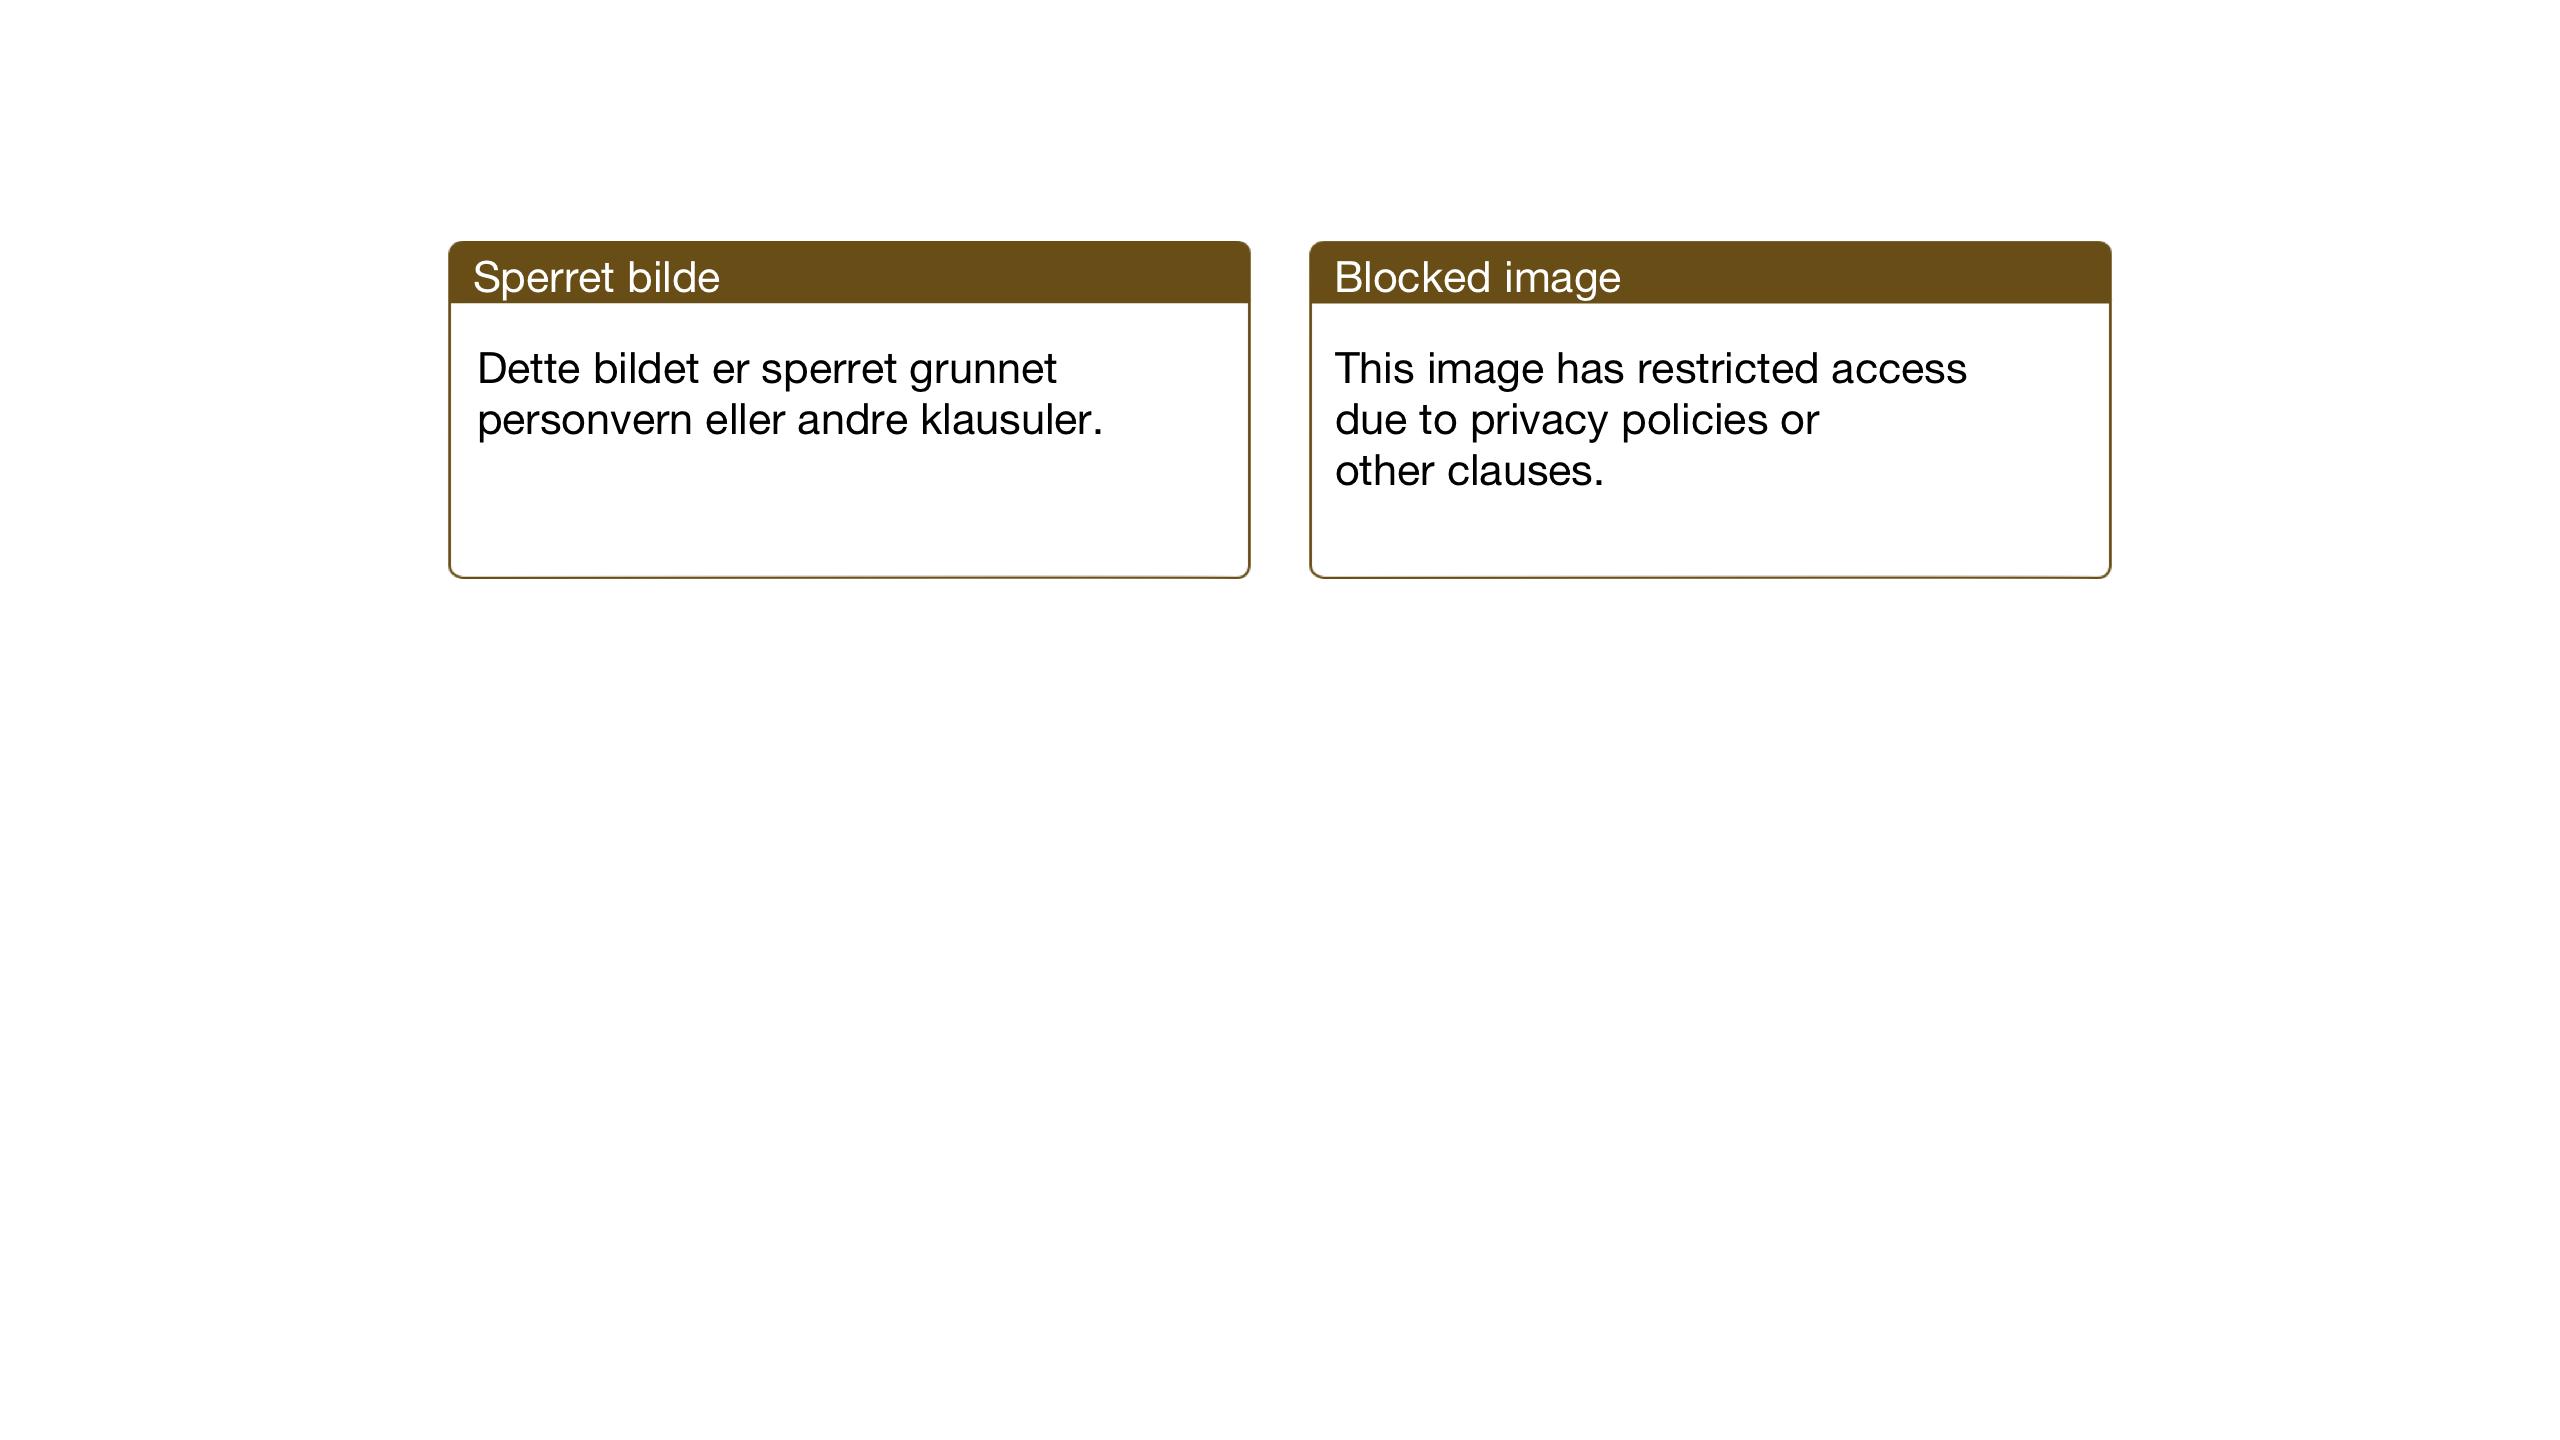 SAT, Ministerialprotokoller, klokkerbøker og fødselsregistre - Nord-Trøndelag, 786/L0689: Klokkerbok nr. 786C01, 1940-1948, s. 24-25